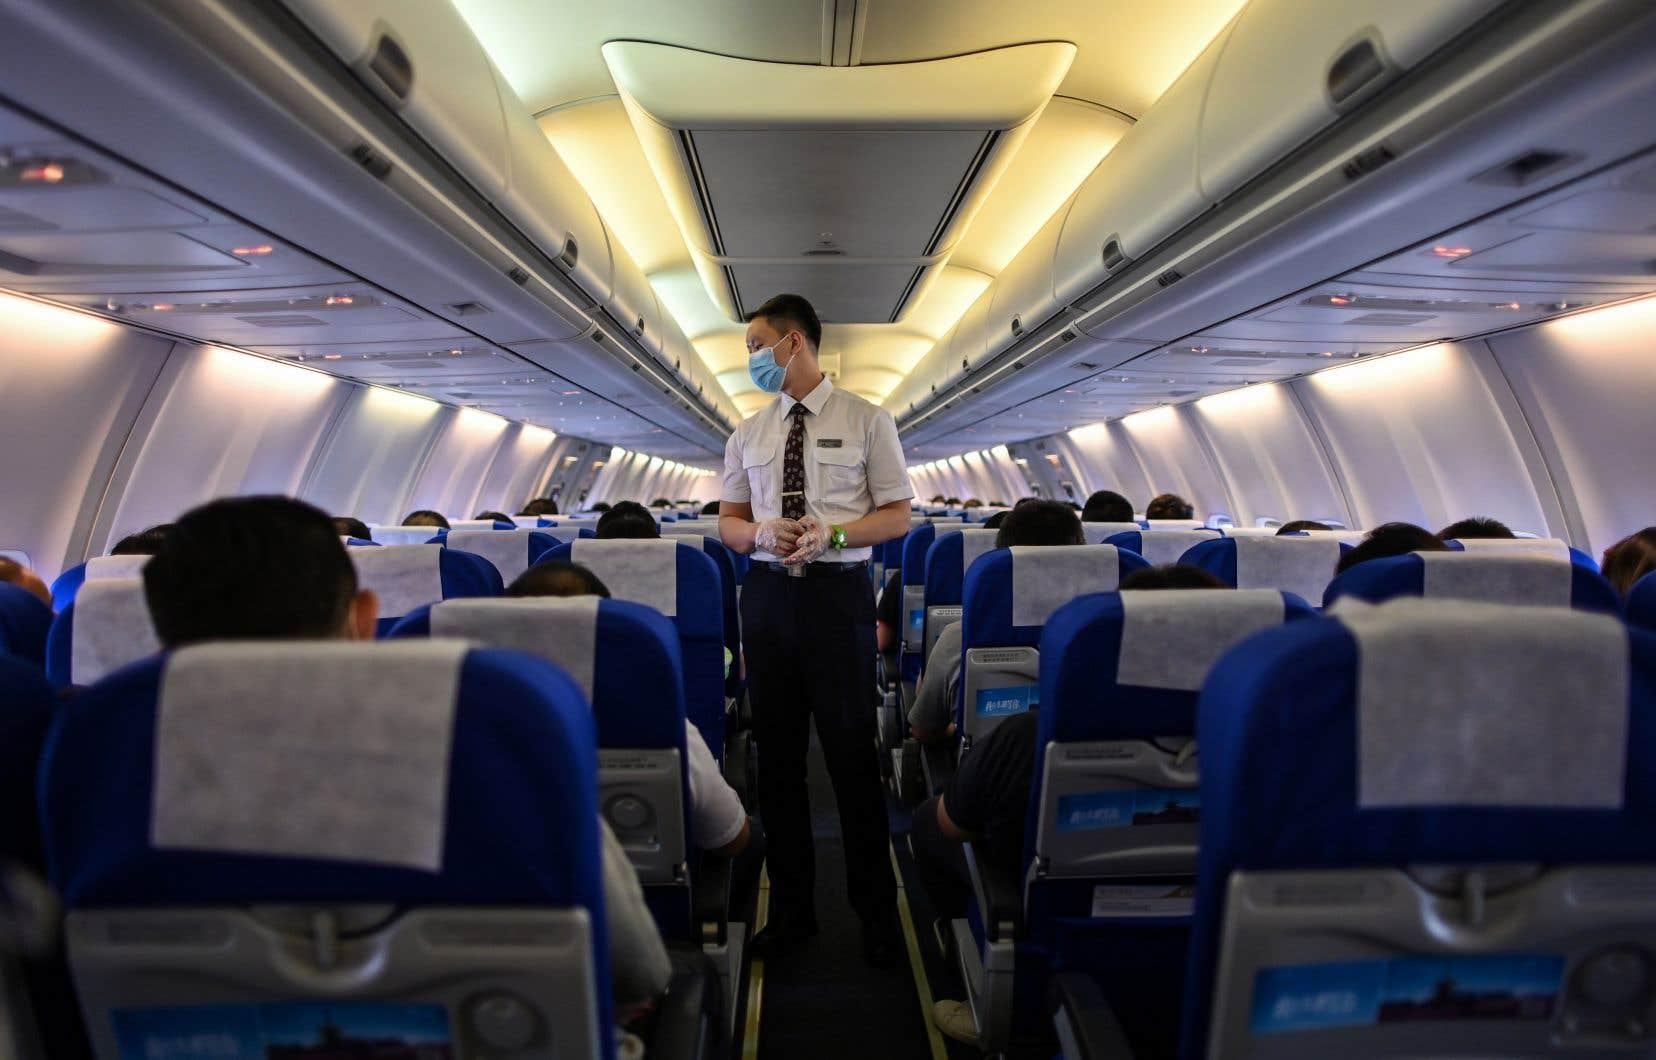 À l'heure actuelle, l'industrie de l'aviation fonctionne à 15% de sa capacité.